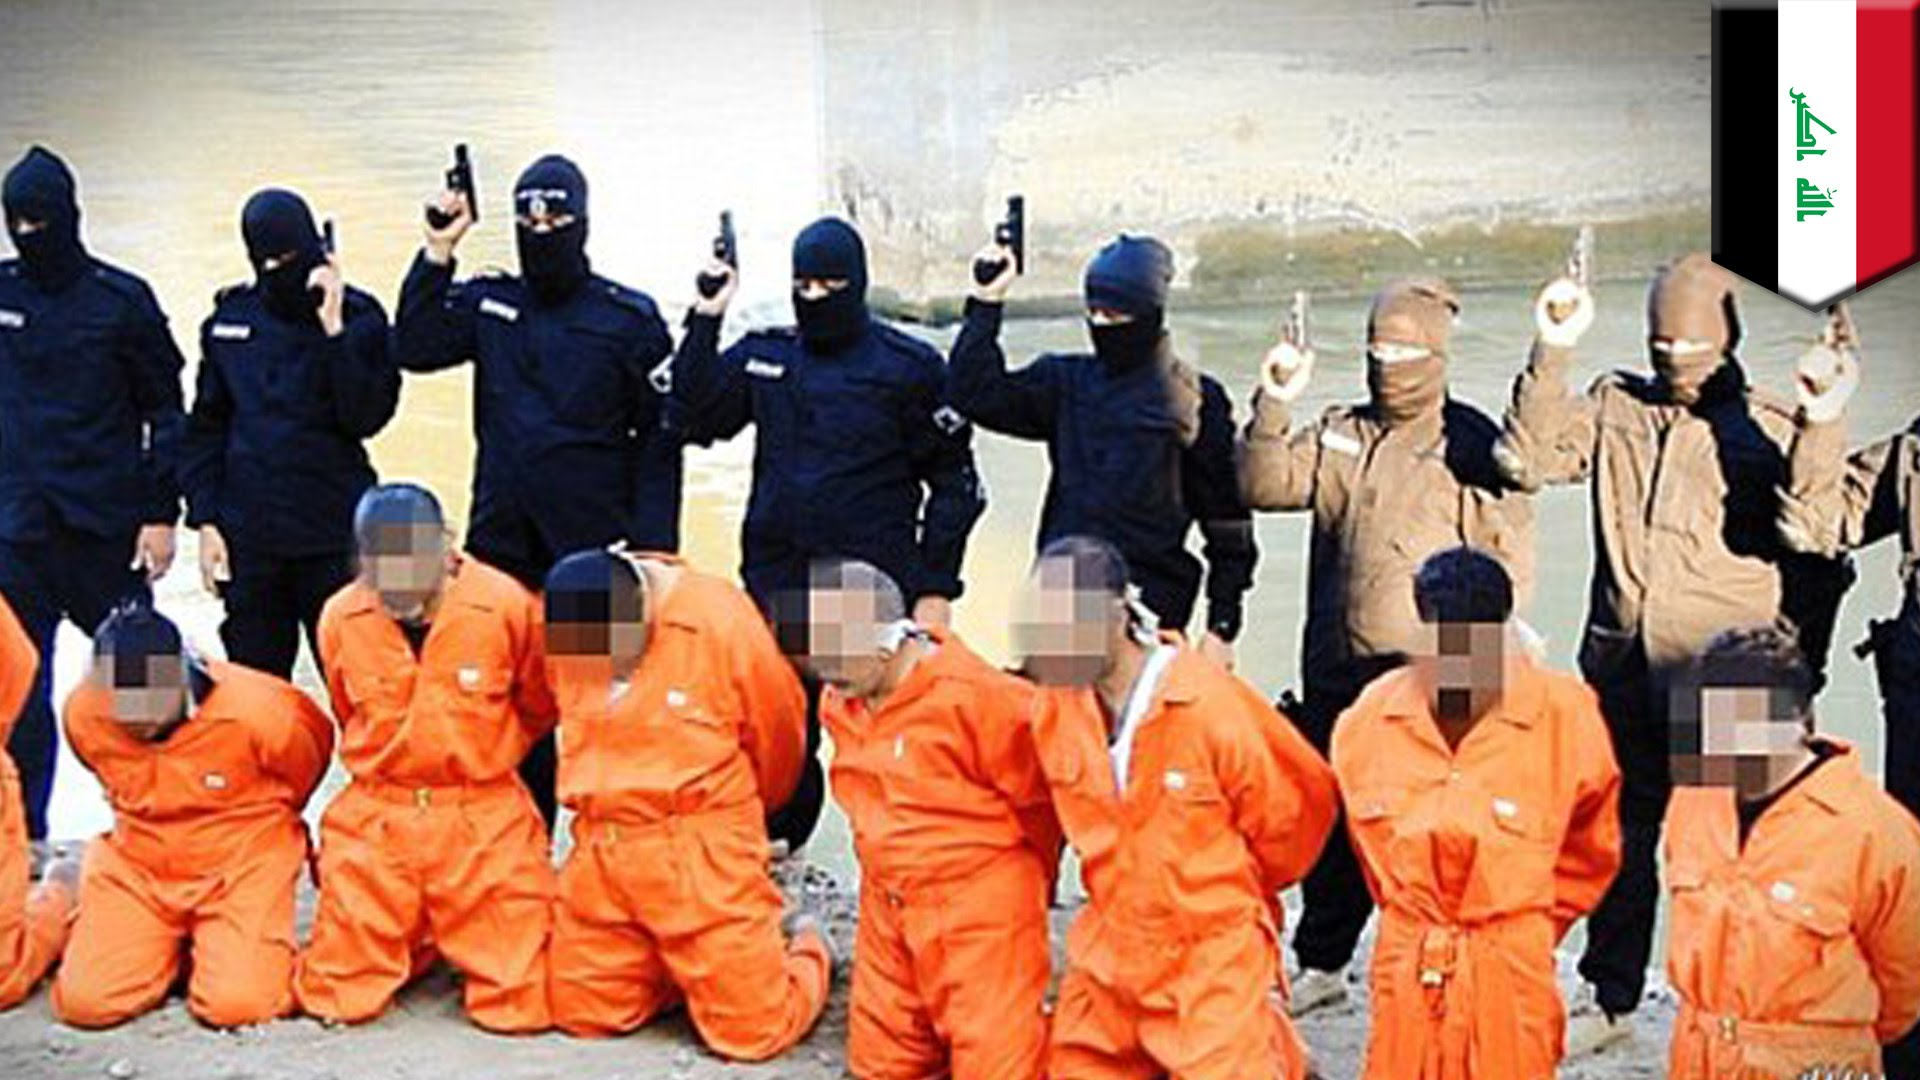 息子を殺された復讐 イスラム国戦闘員を殺害